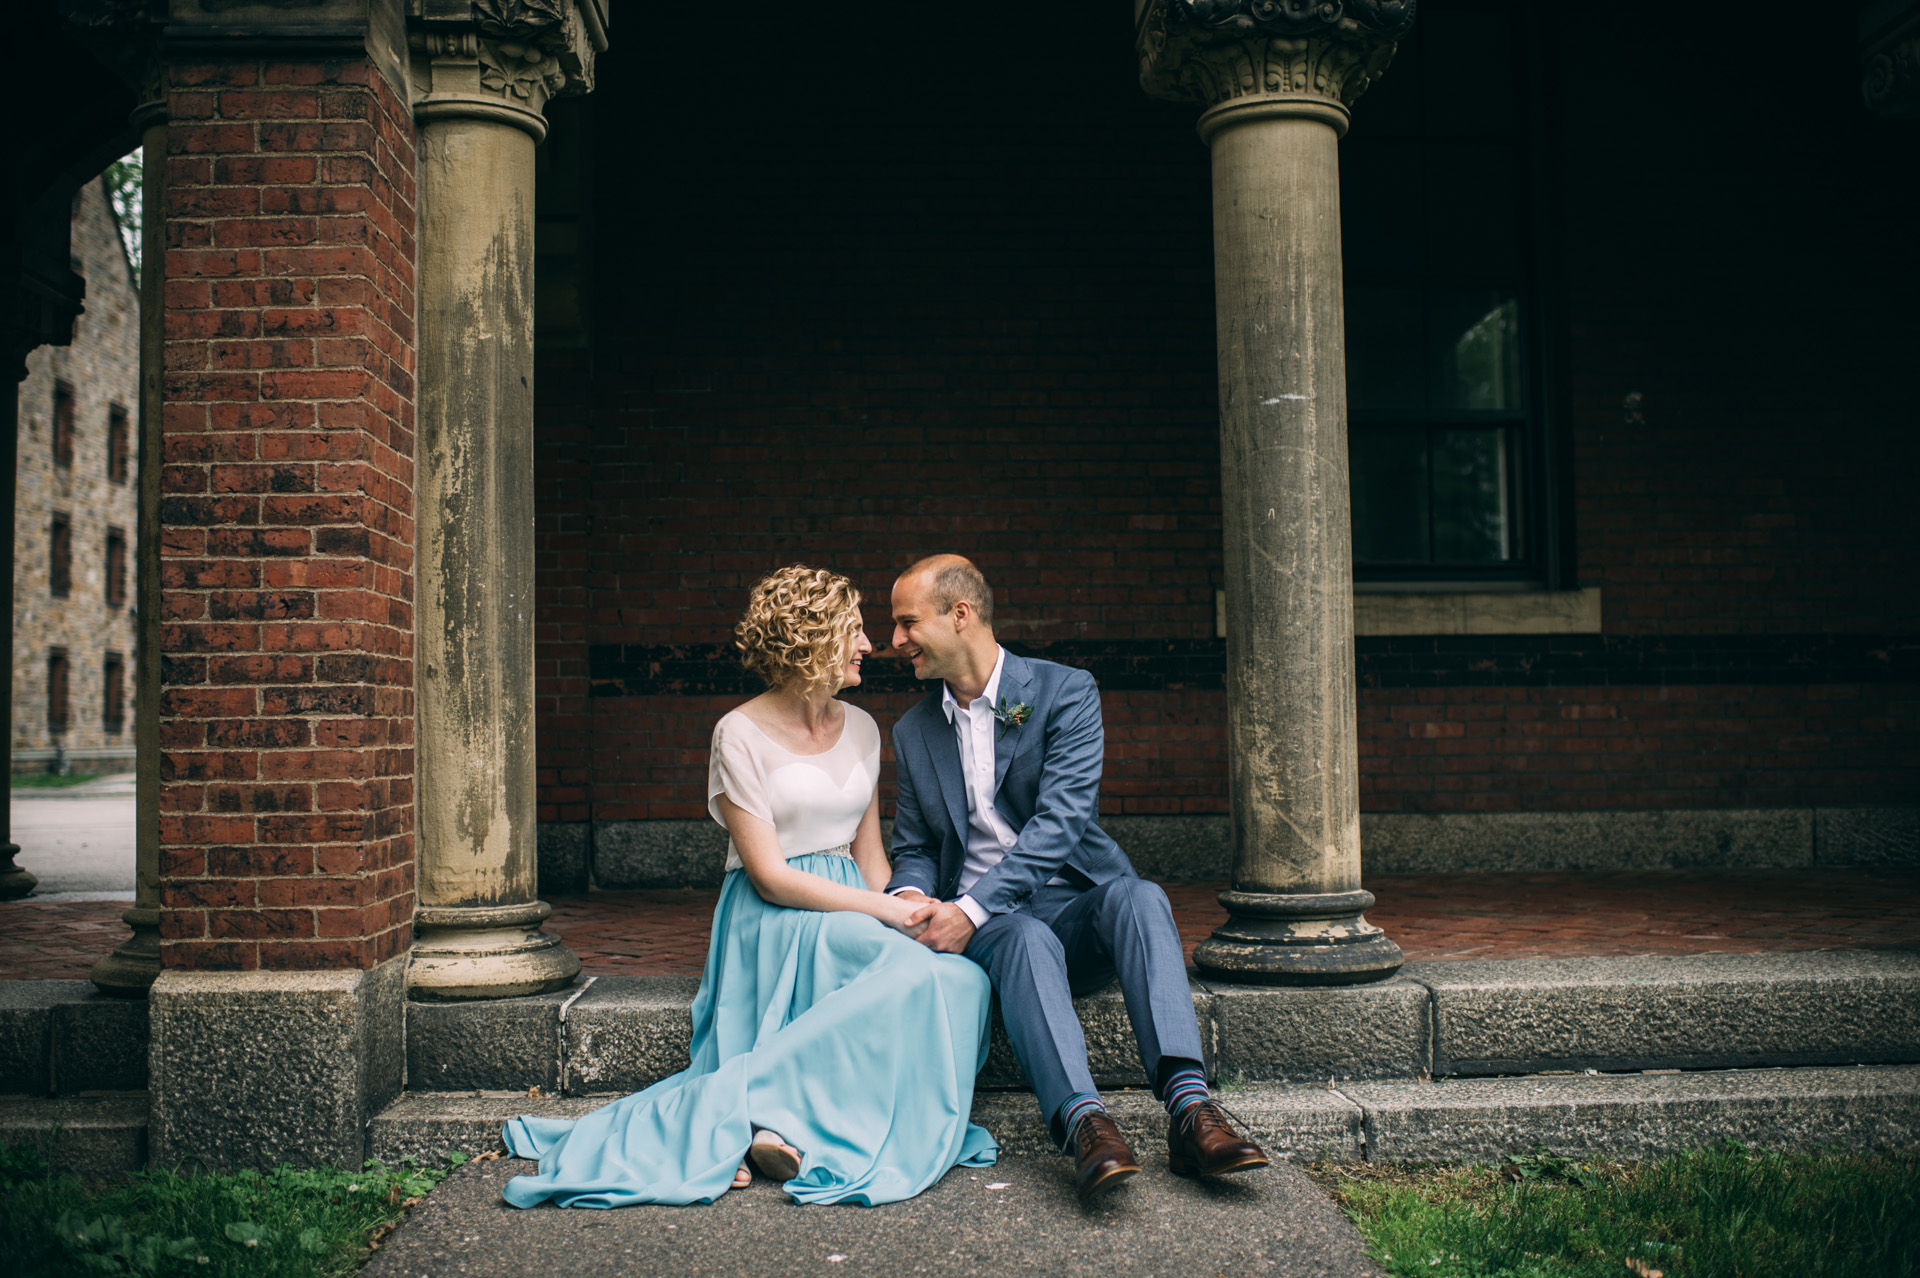 alden-harlow-wedding-photographer-32